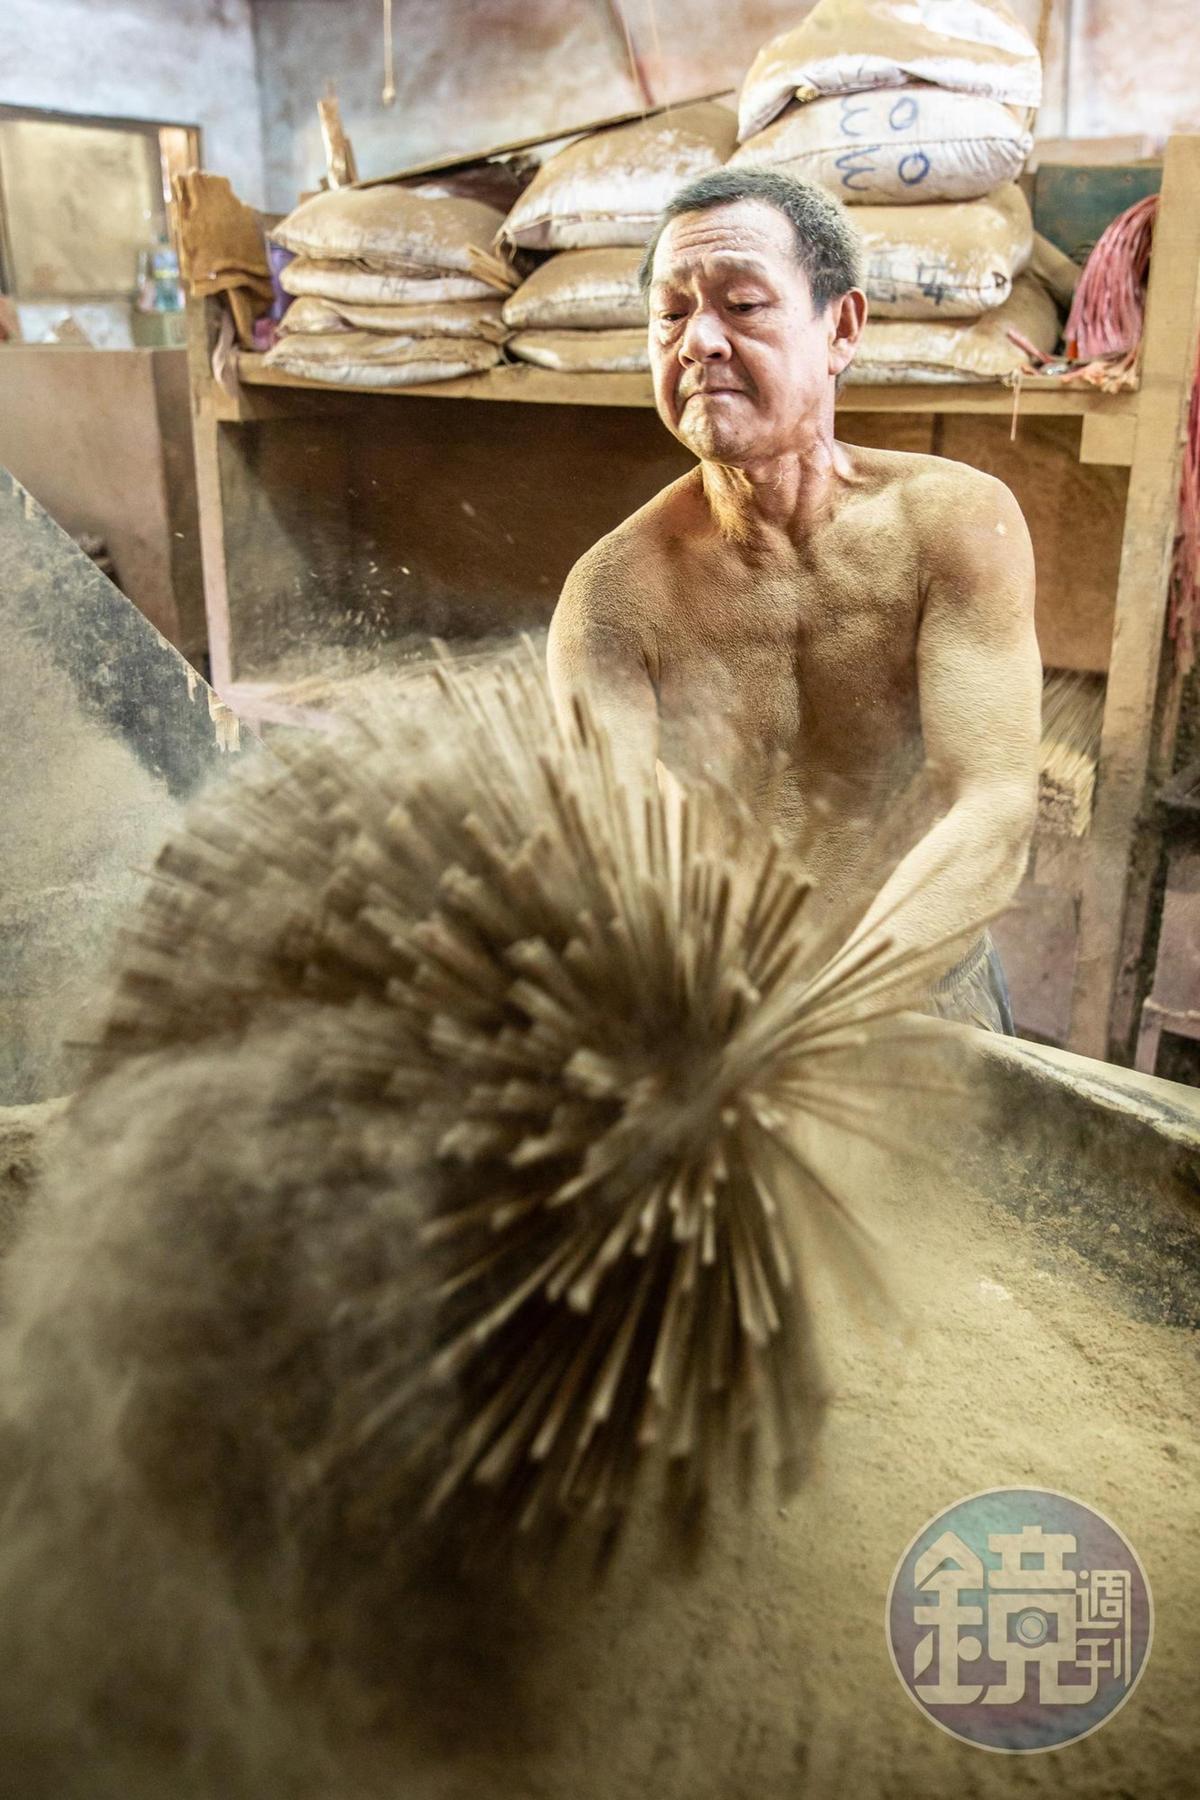 將香粉一層一層附著於細竹之上,靠的是純手工的人力。